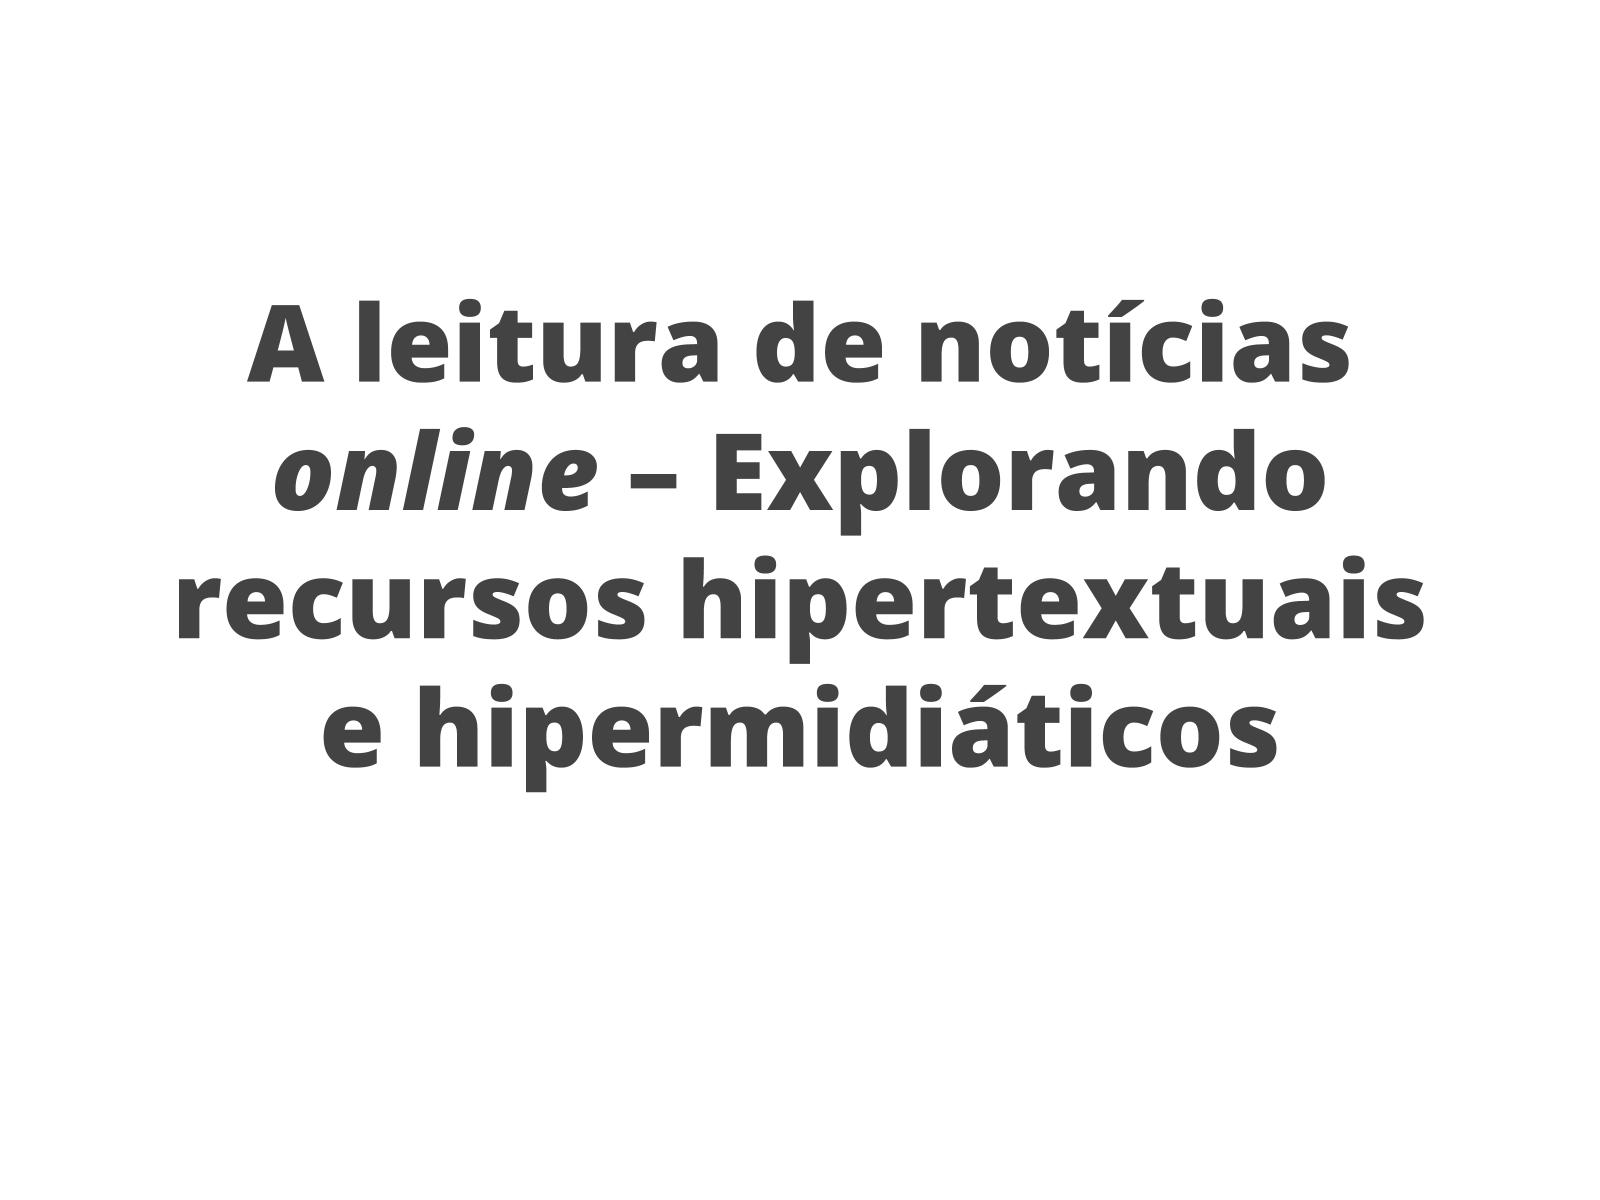 A leitura de notícias online – Explorando recursos hipertextuais e hipermidiáticos